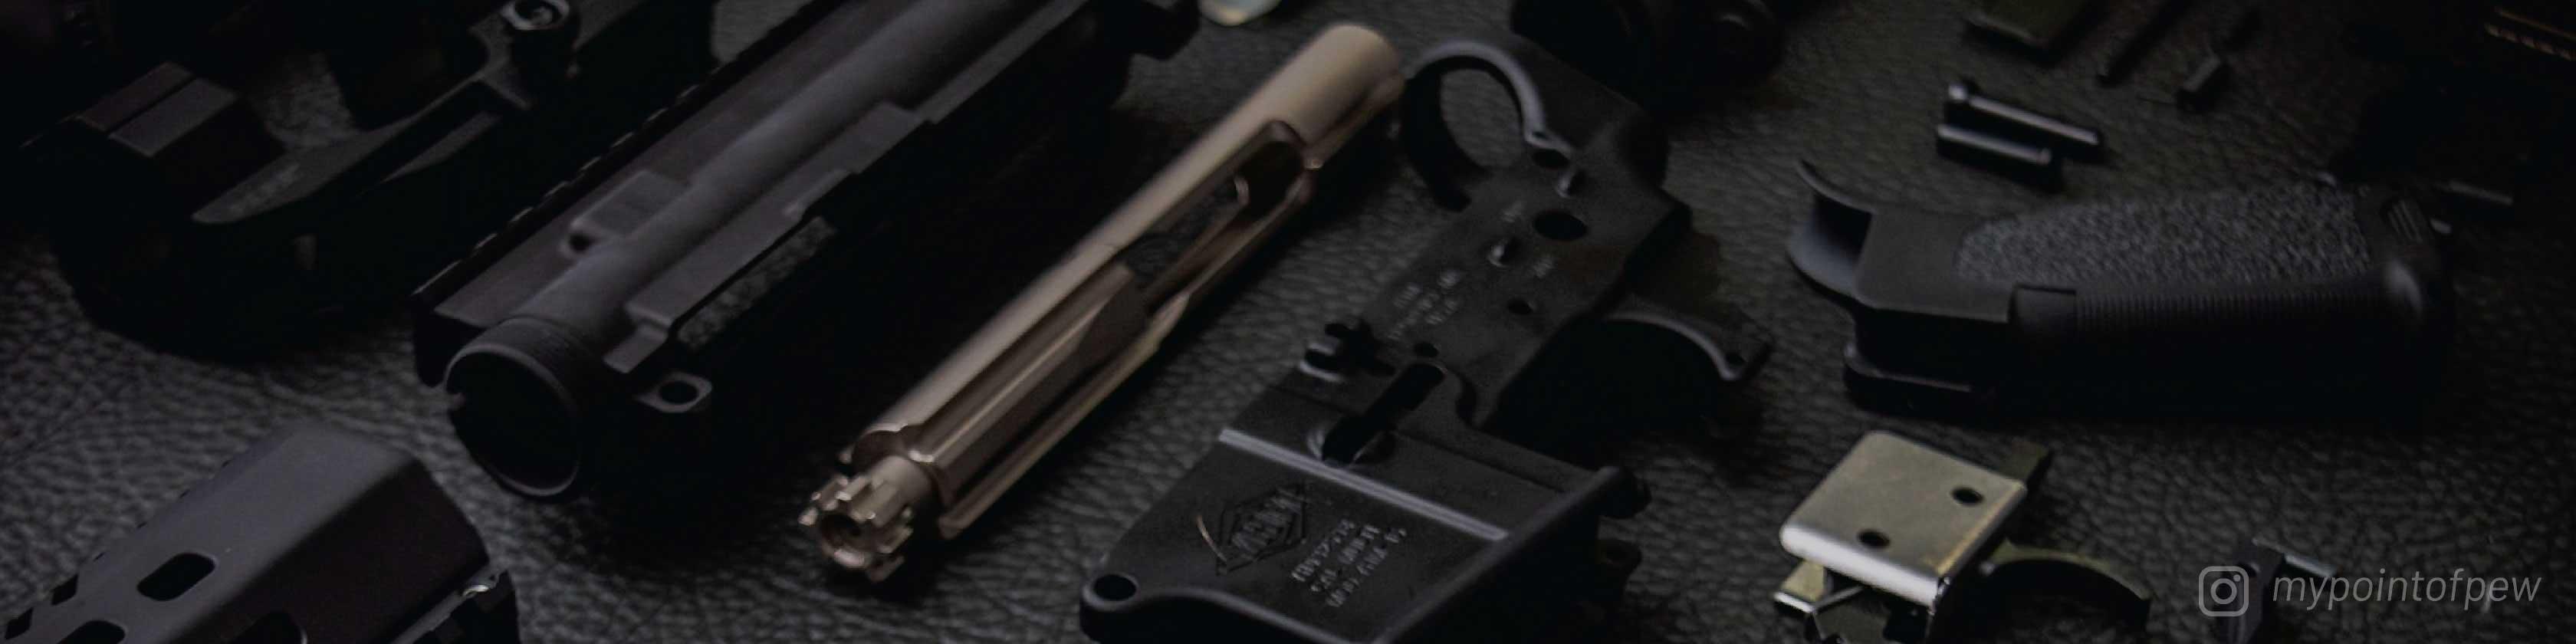 Find a pistol brace